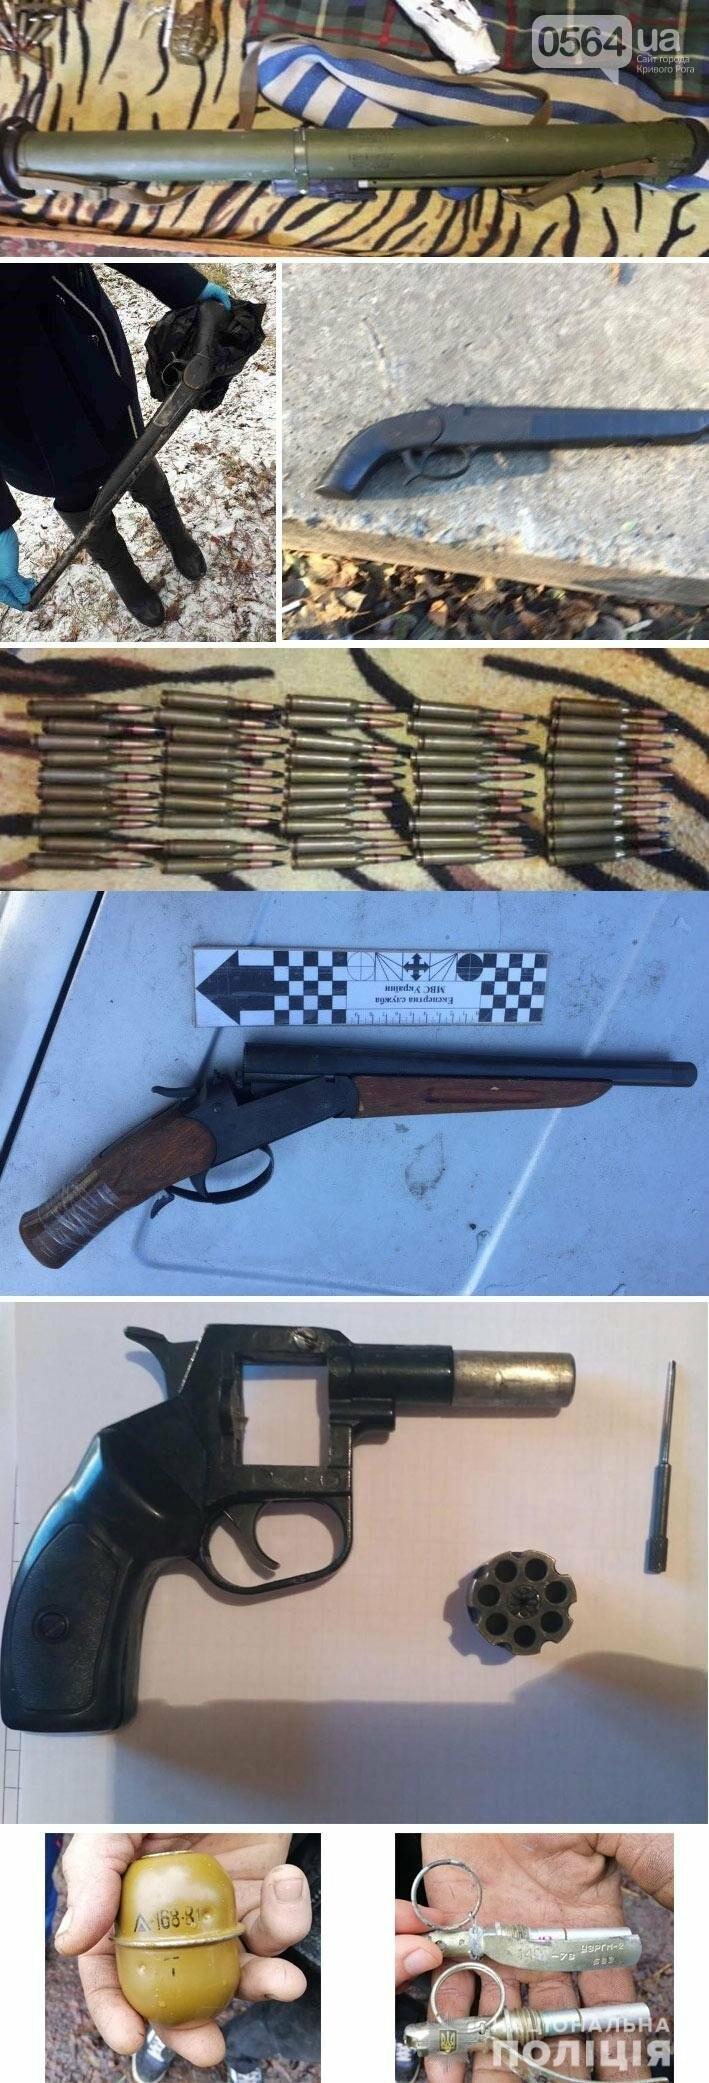 В шкафу у криворожанина полицейские обнаружили склад боеприпасов, - ФОТО , фото-1